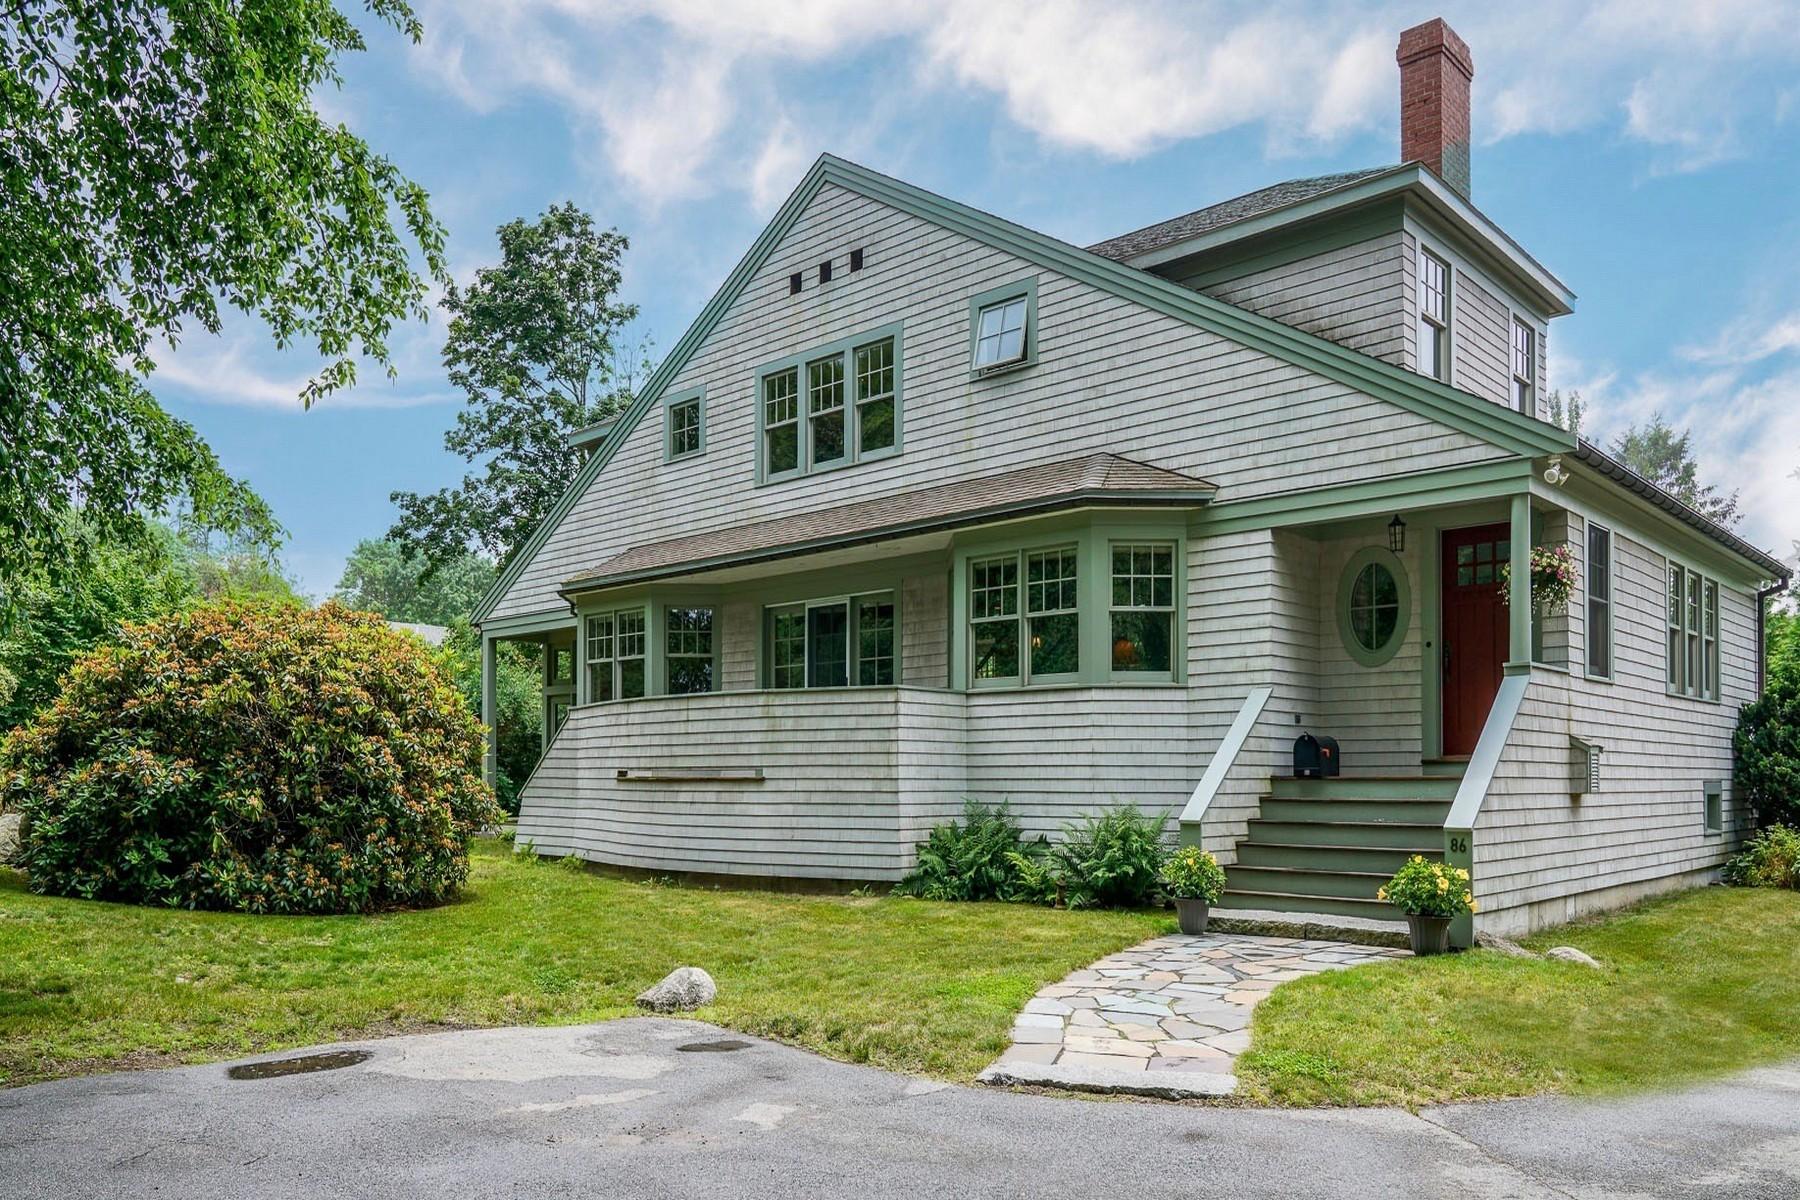 独户住宅 为 销售 在 Elegant Arts & Crafts 86 Eastern Point Boulevard 格洛斯特, 马萨诸塞州 01930 美国